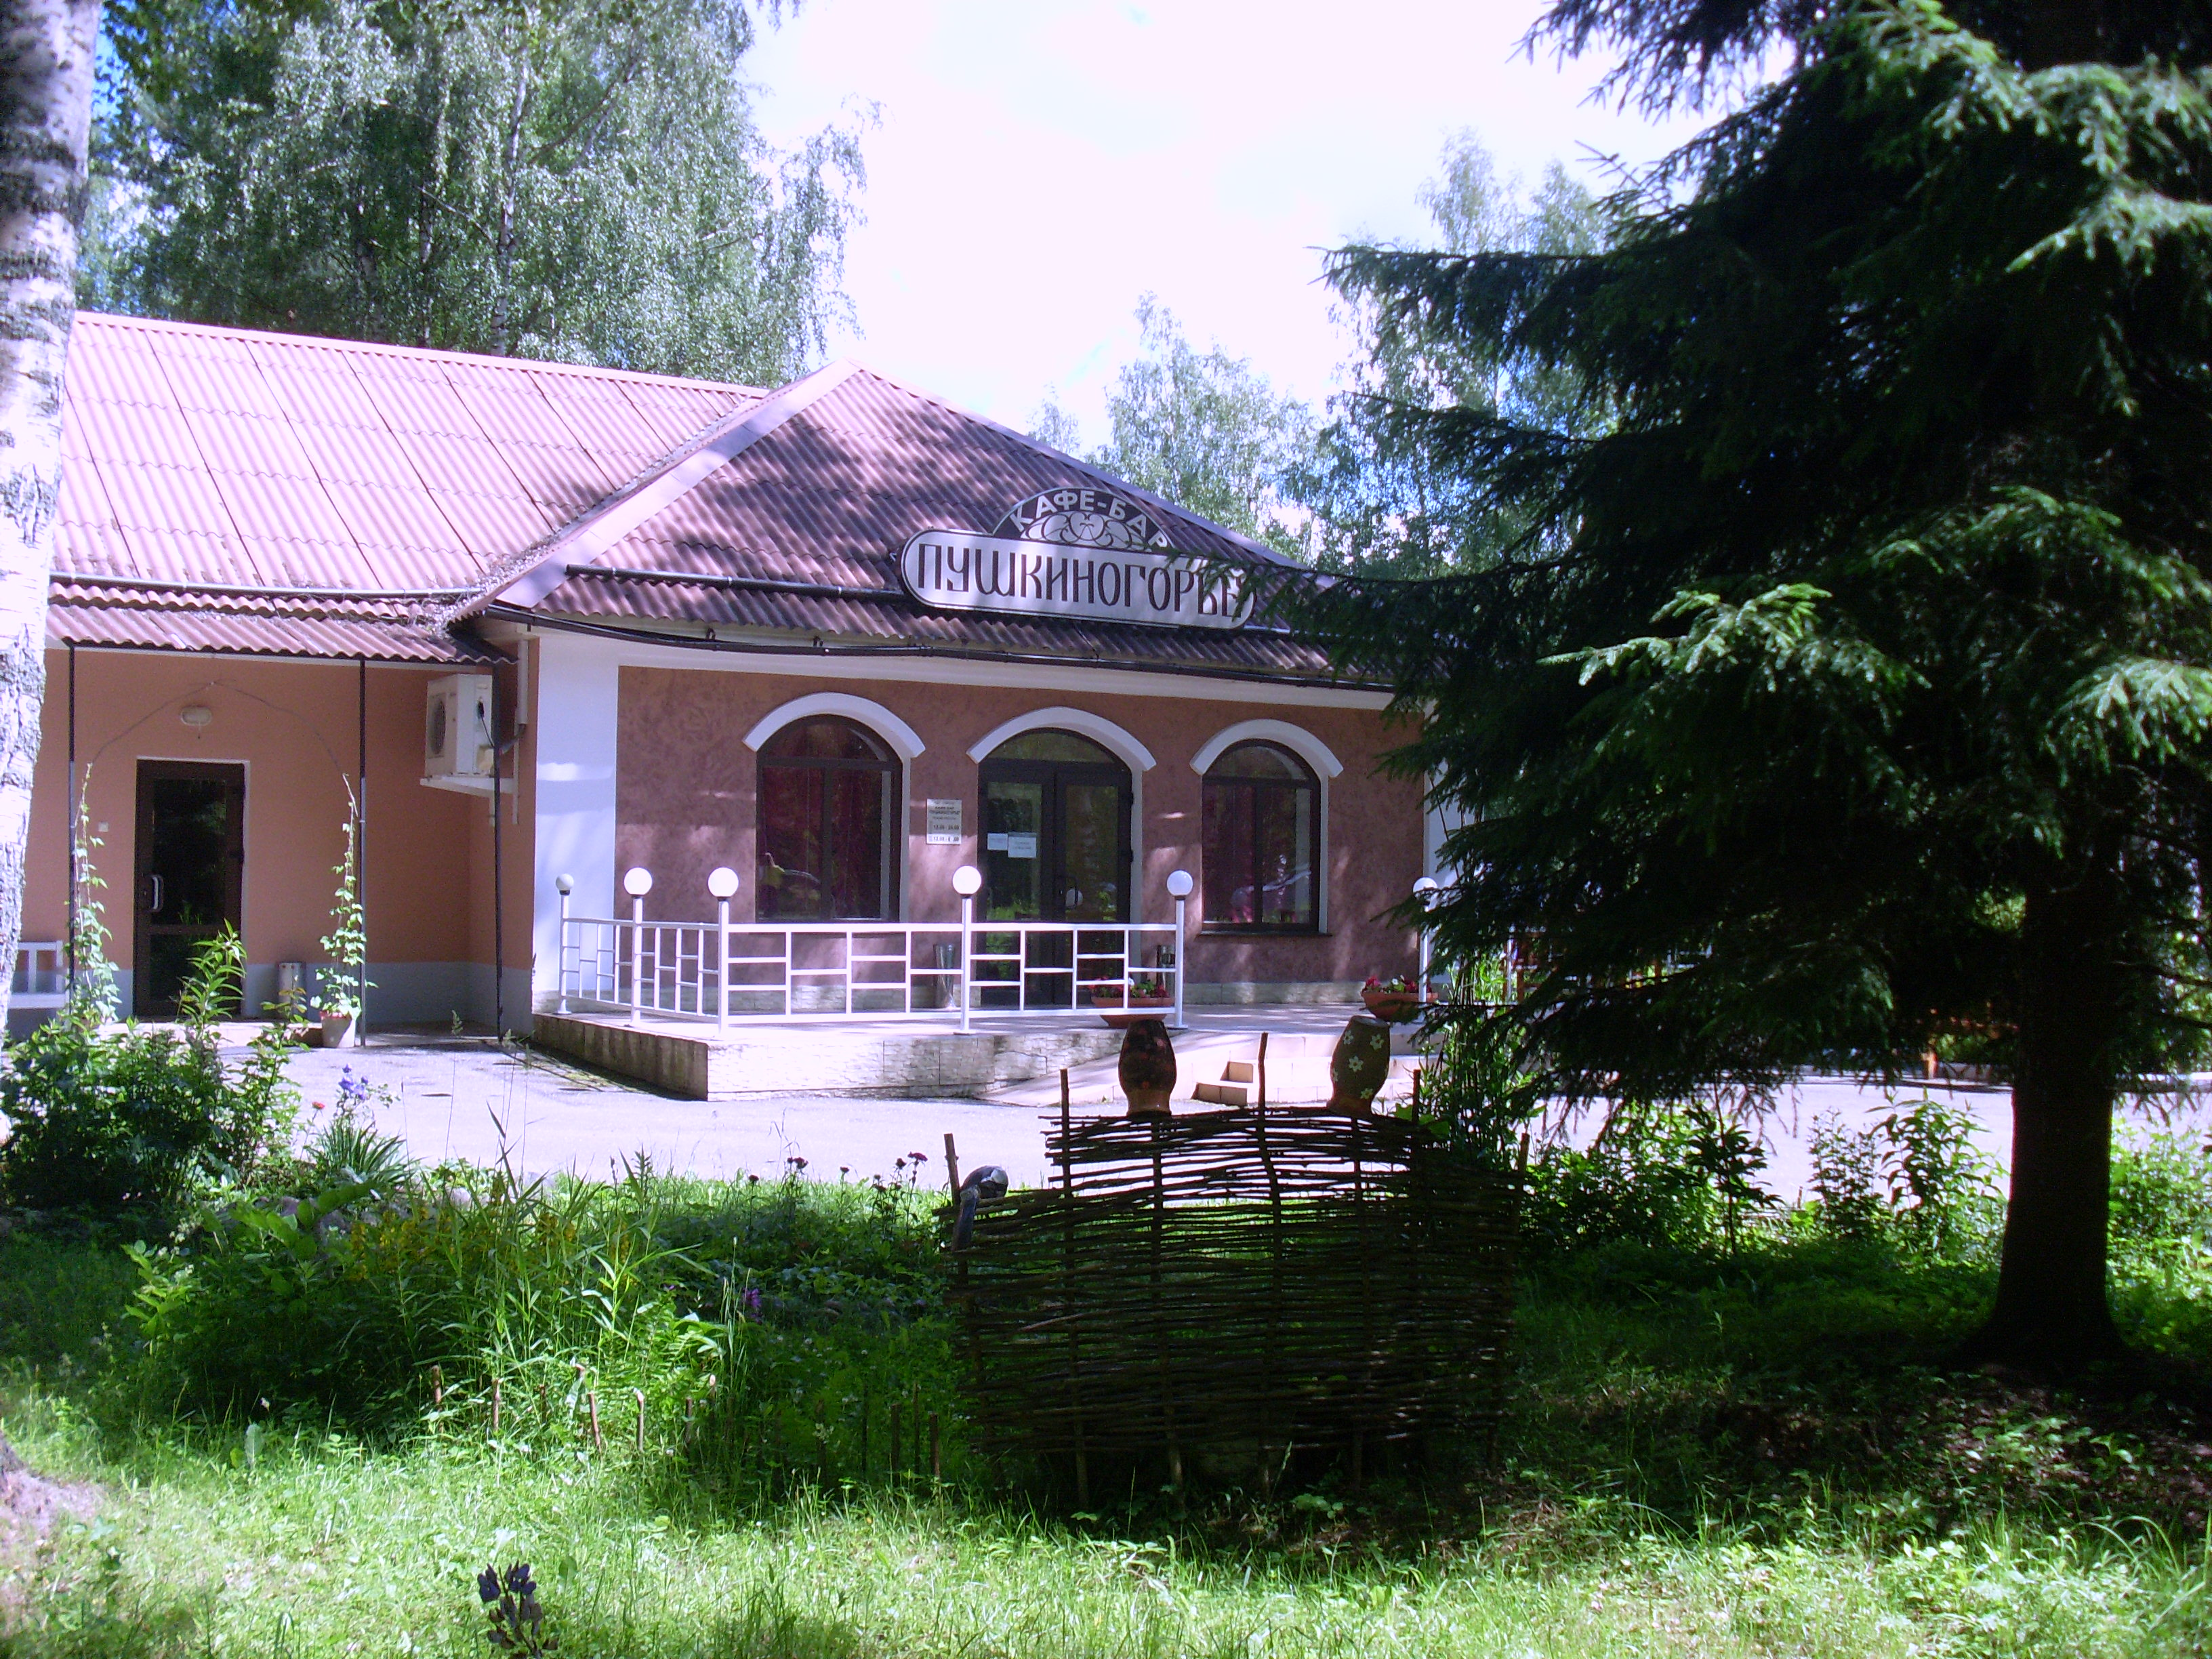 Погода в покрове владимирской области на август